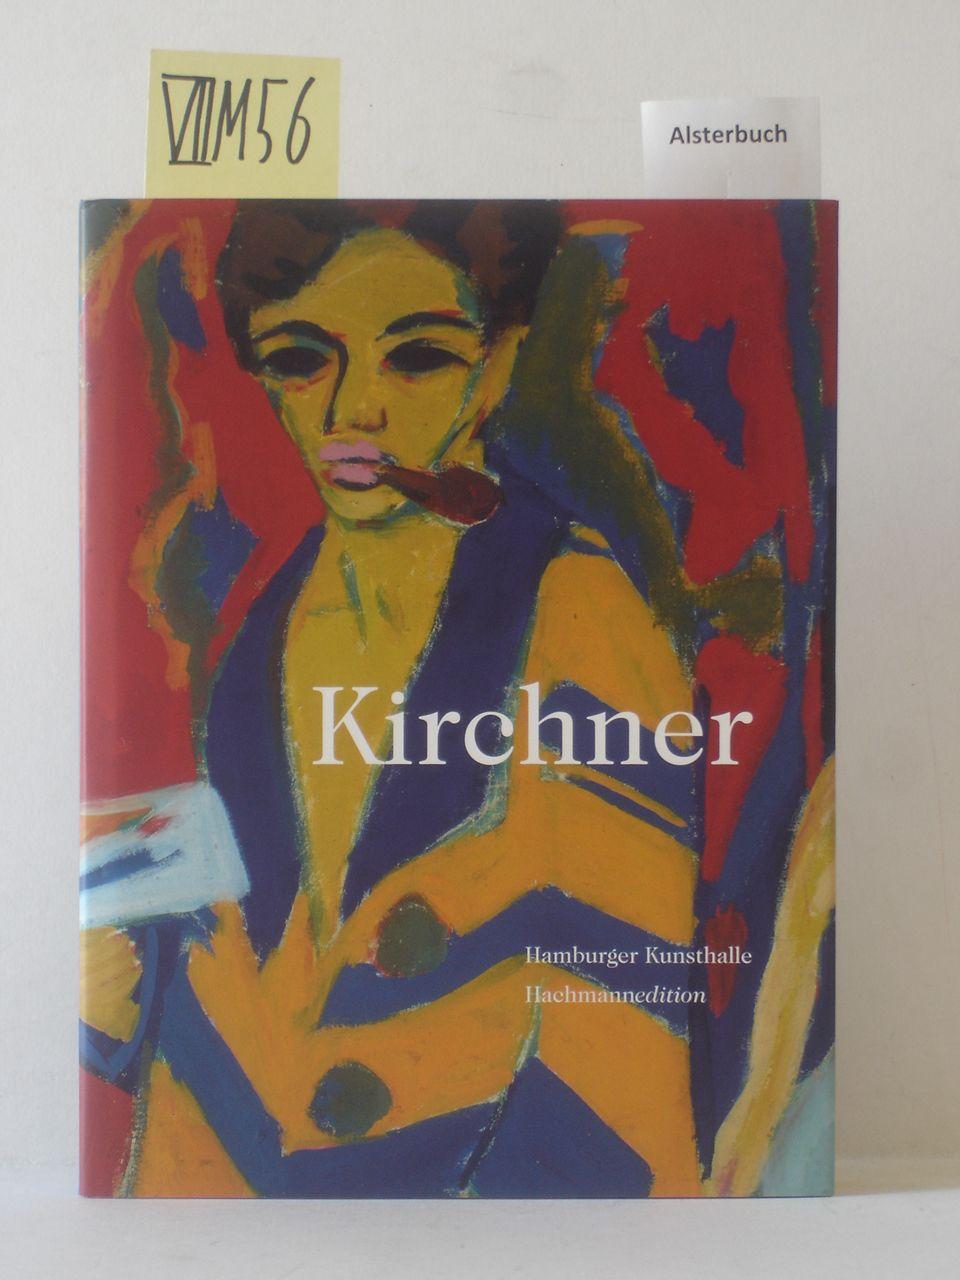 Kirchner : [anlässlich der Ausstellung Kirchner, Hubertus-Wald-Forum in der Hamburger Kunsthalle, 7. Oktober 2010 bis 16. Januar 2011]. - Hurttig, Marcus Andrew (Hrsg.) und Ernst Ludwig (Ill.) Kirchner